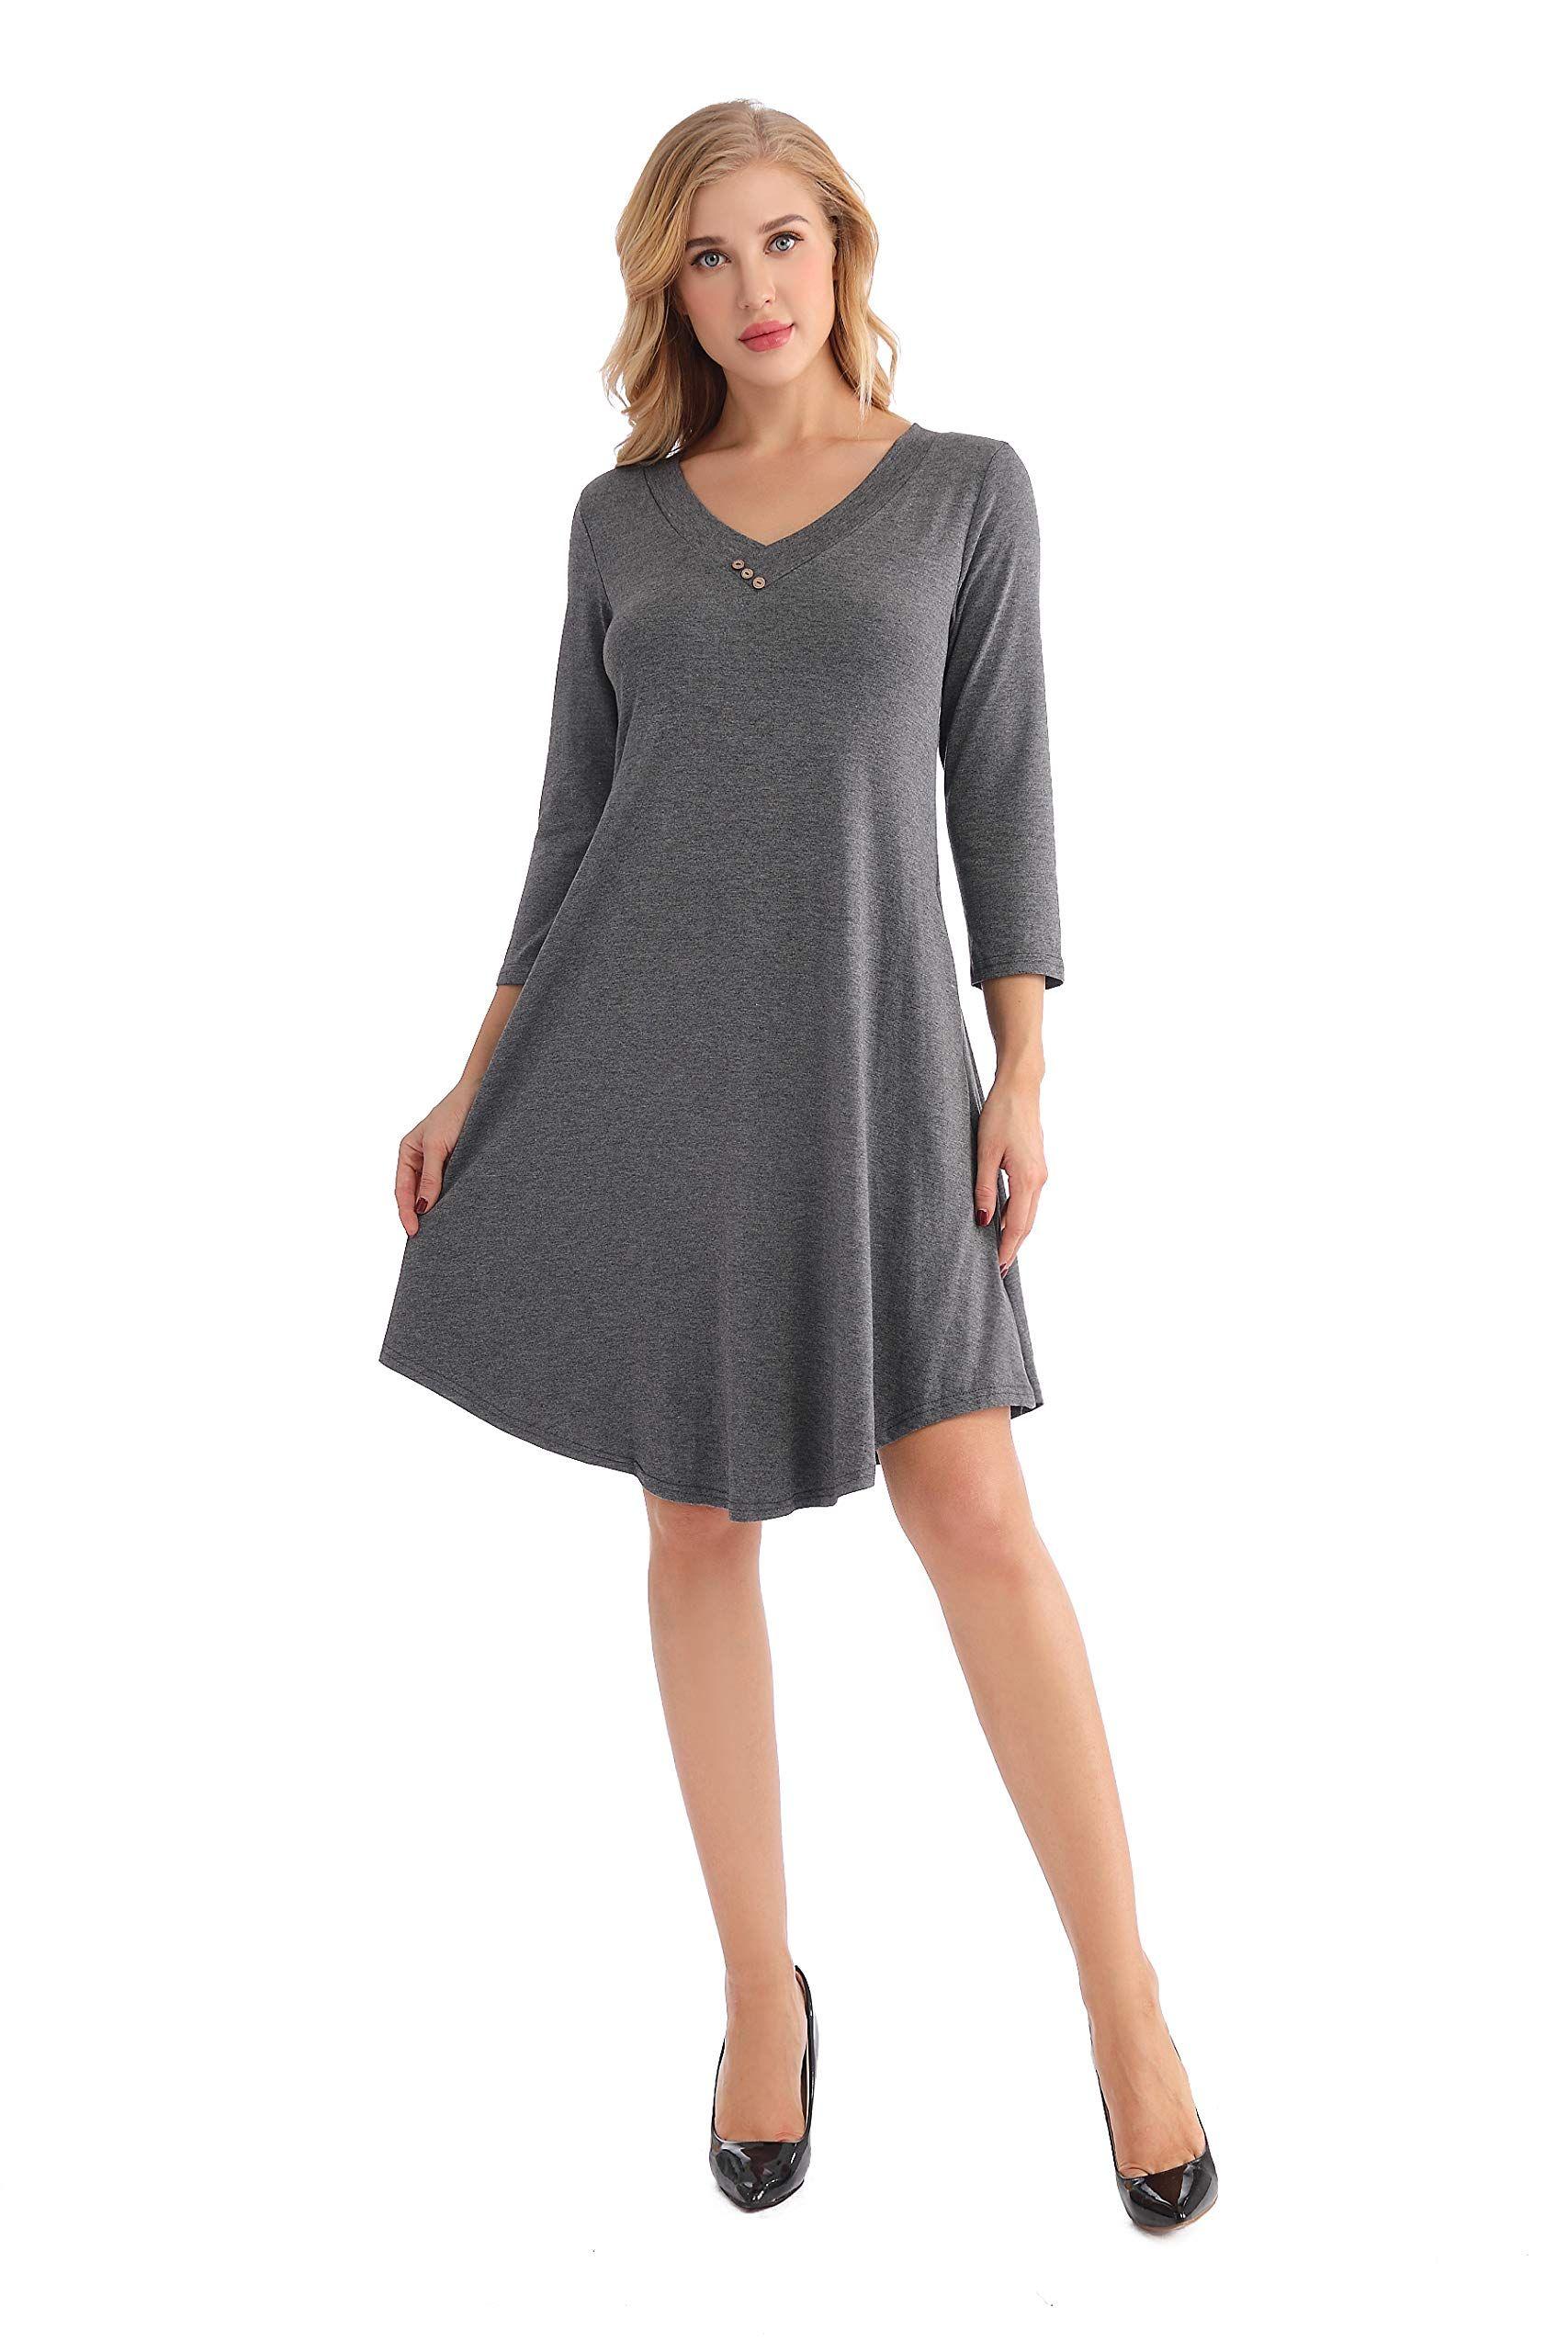 616aa04c44496e LEORAY Womens Loose T Shirt Dress Pockets V Neck 3/4 Sleeve Swing Dress Dark